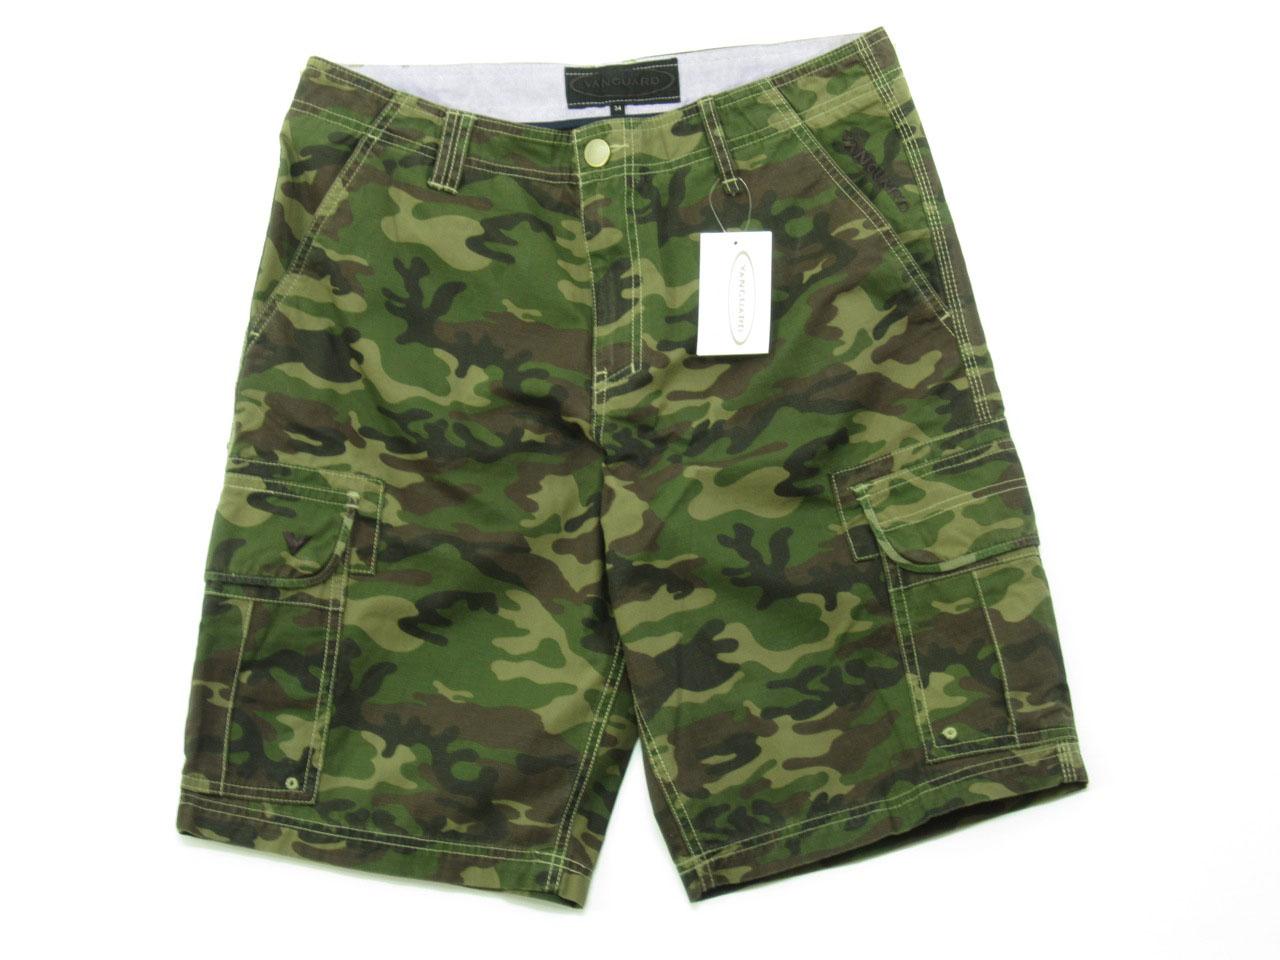 Green Camo Cargo Shorts for Men - size 34